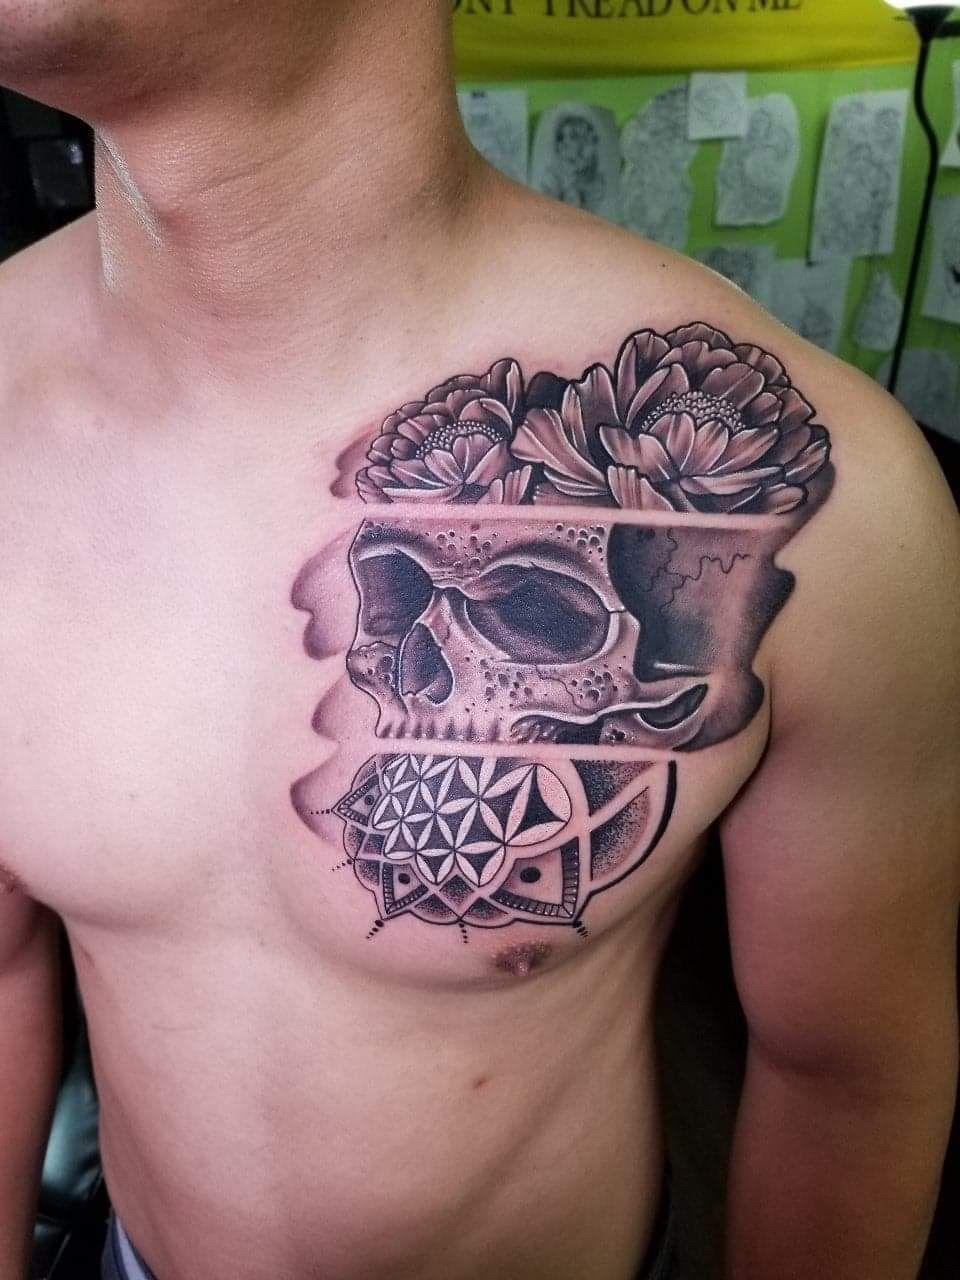 Blackandgrey Mandala Flower Skull By Mike R Tattoos Ink Inked Pensacola Bonefaceink Floridatattoo Tattoo Shop Florida Tattoos Black And Grey Tattoos